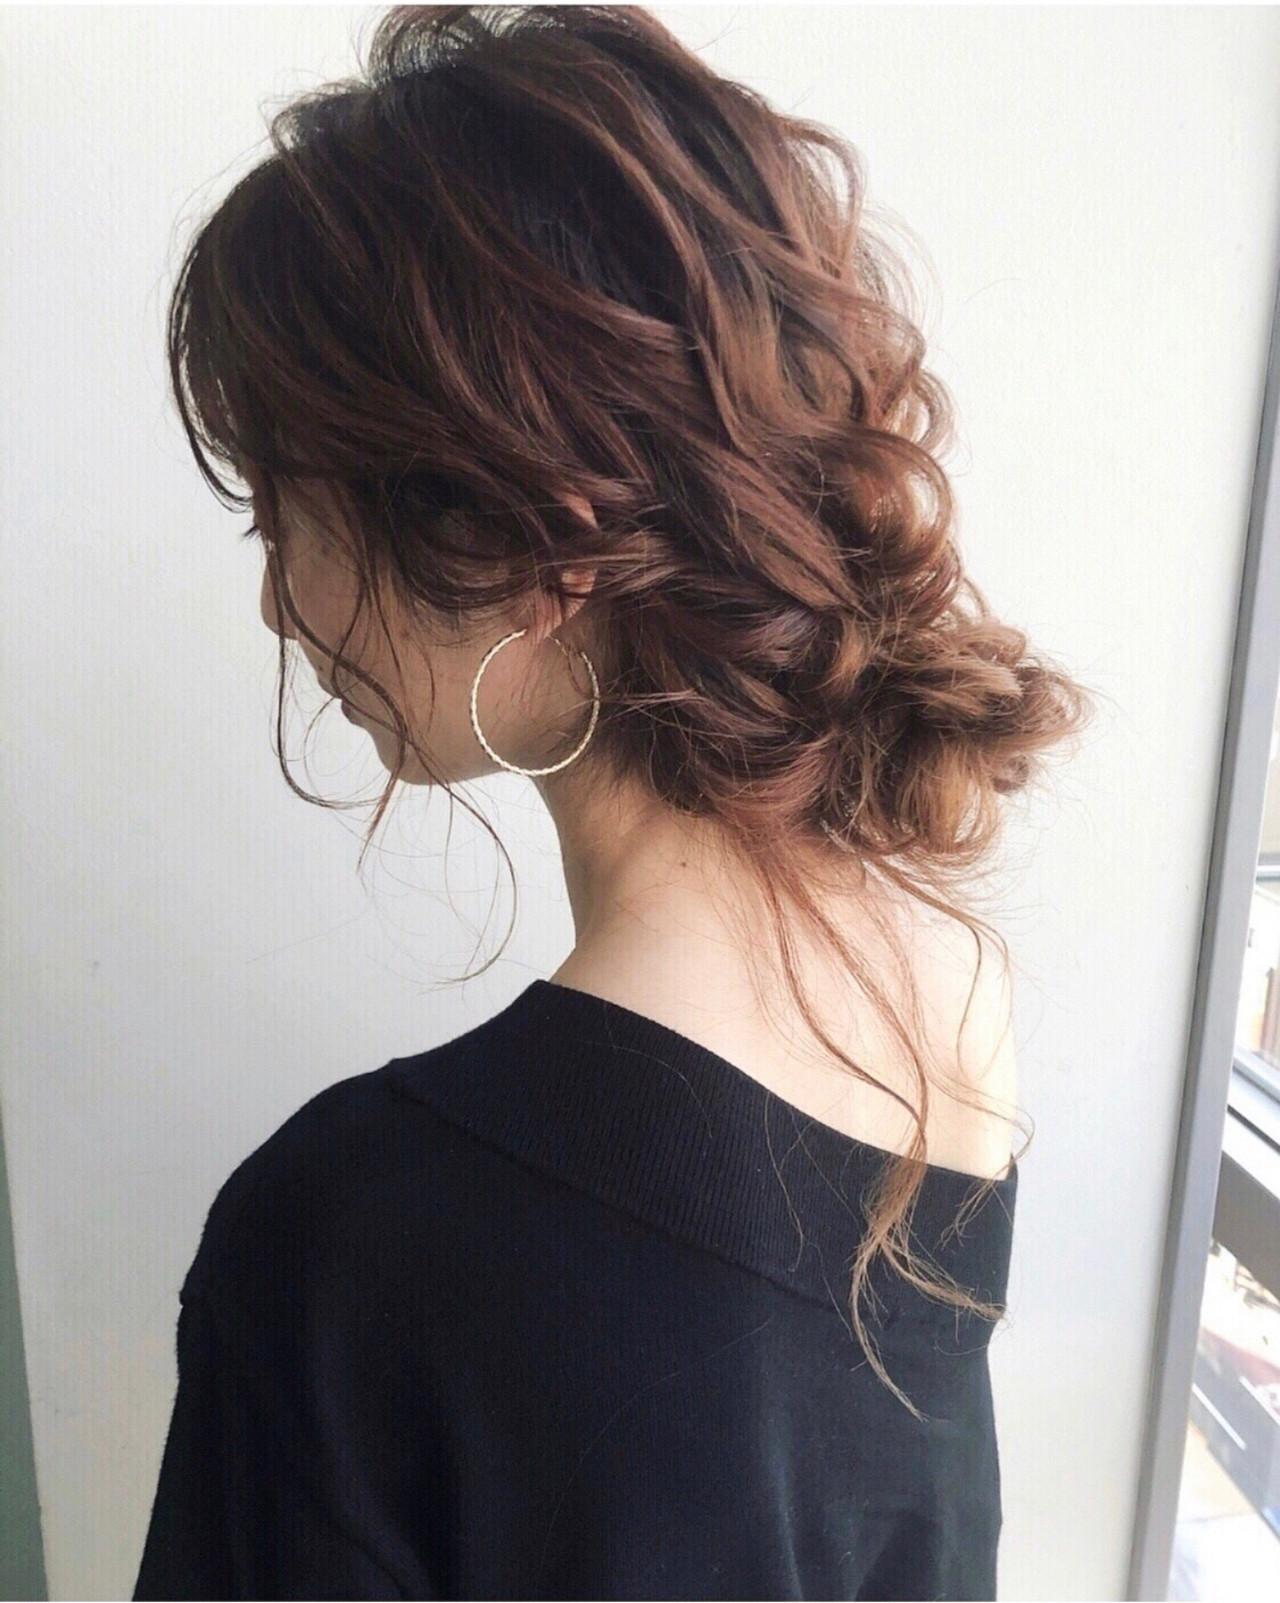 フェミニン ヘアアレンジ おしゃれさんと繋がりたい 大人かわいい ヘアスタイルや髪型の写真・画像